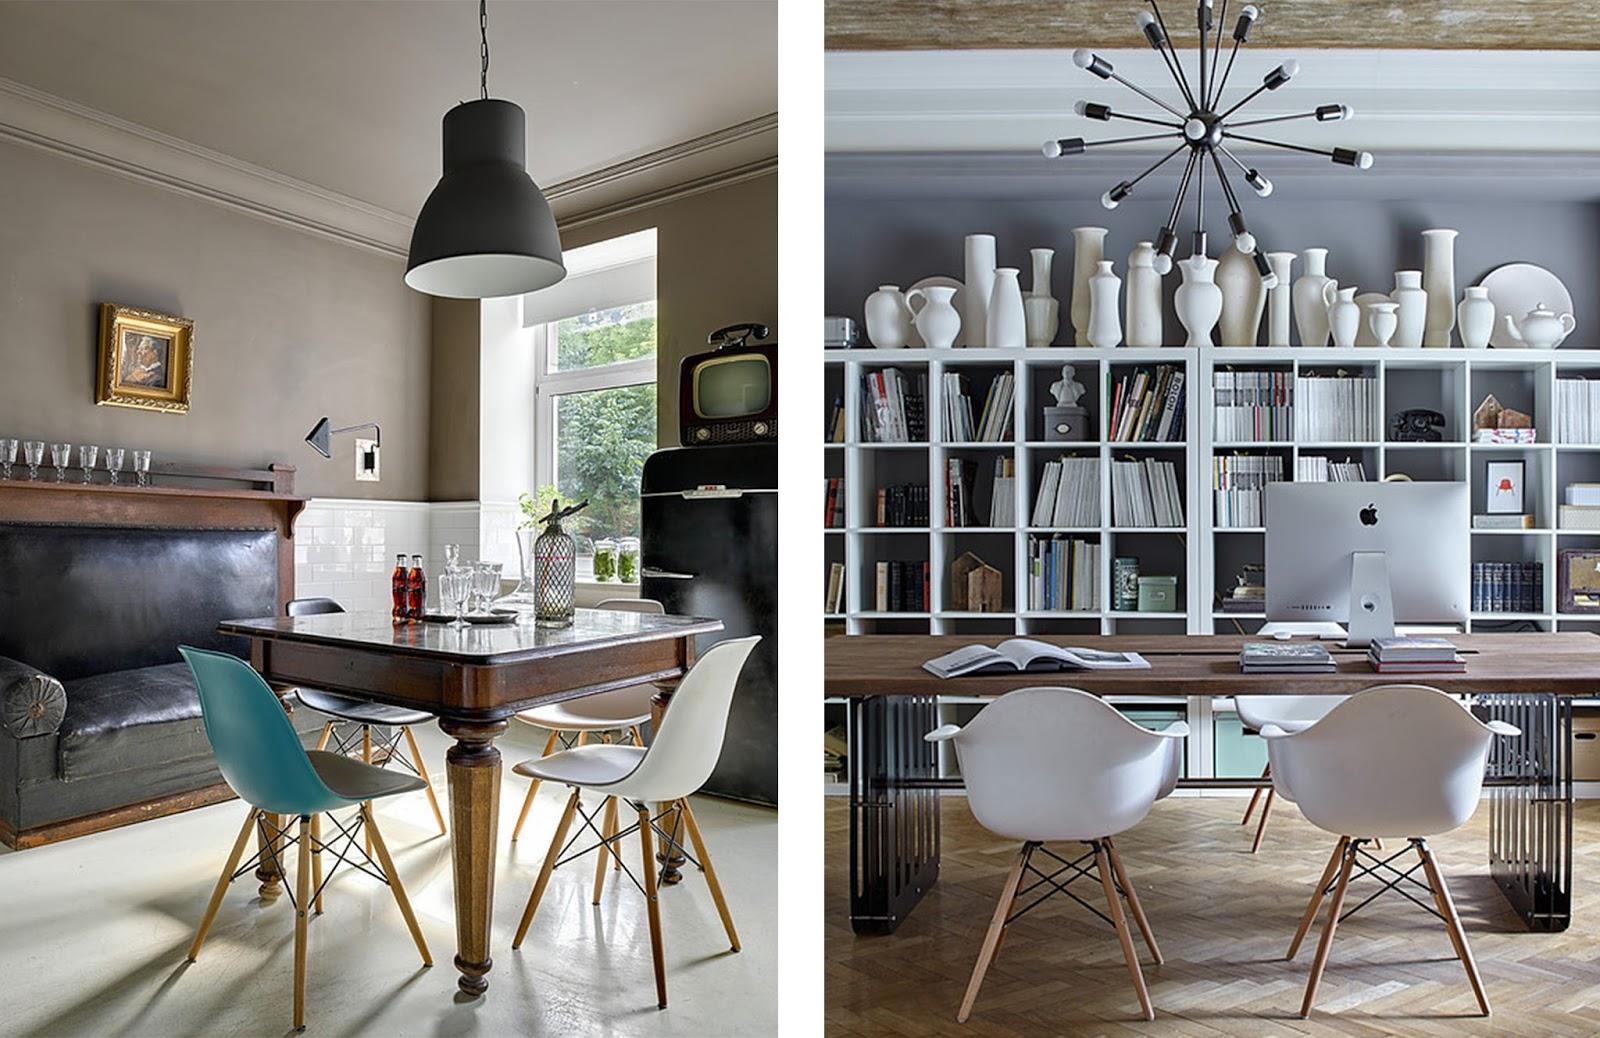 Interesting arredamento studio casa moderno casa ufficio con opere darte e arredi vintage by - Arredamento casa vintage ...